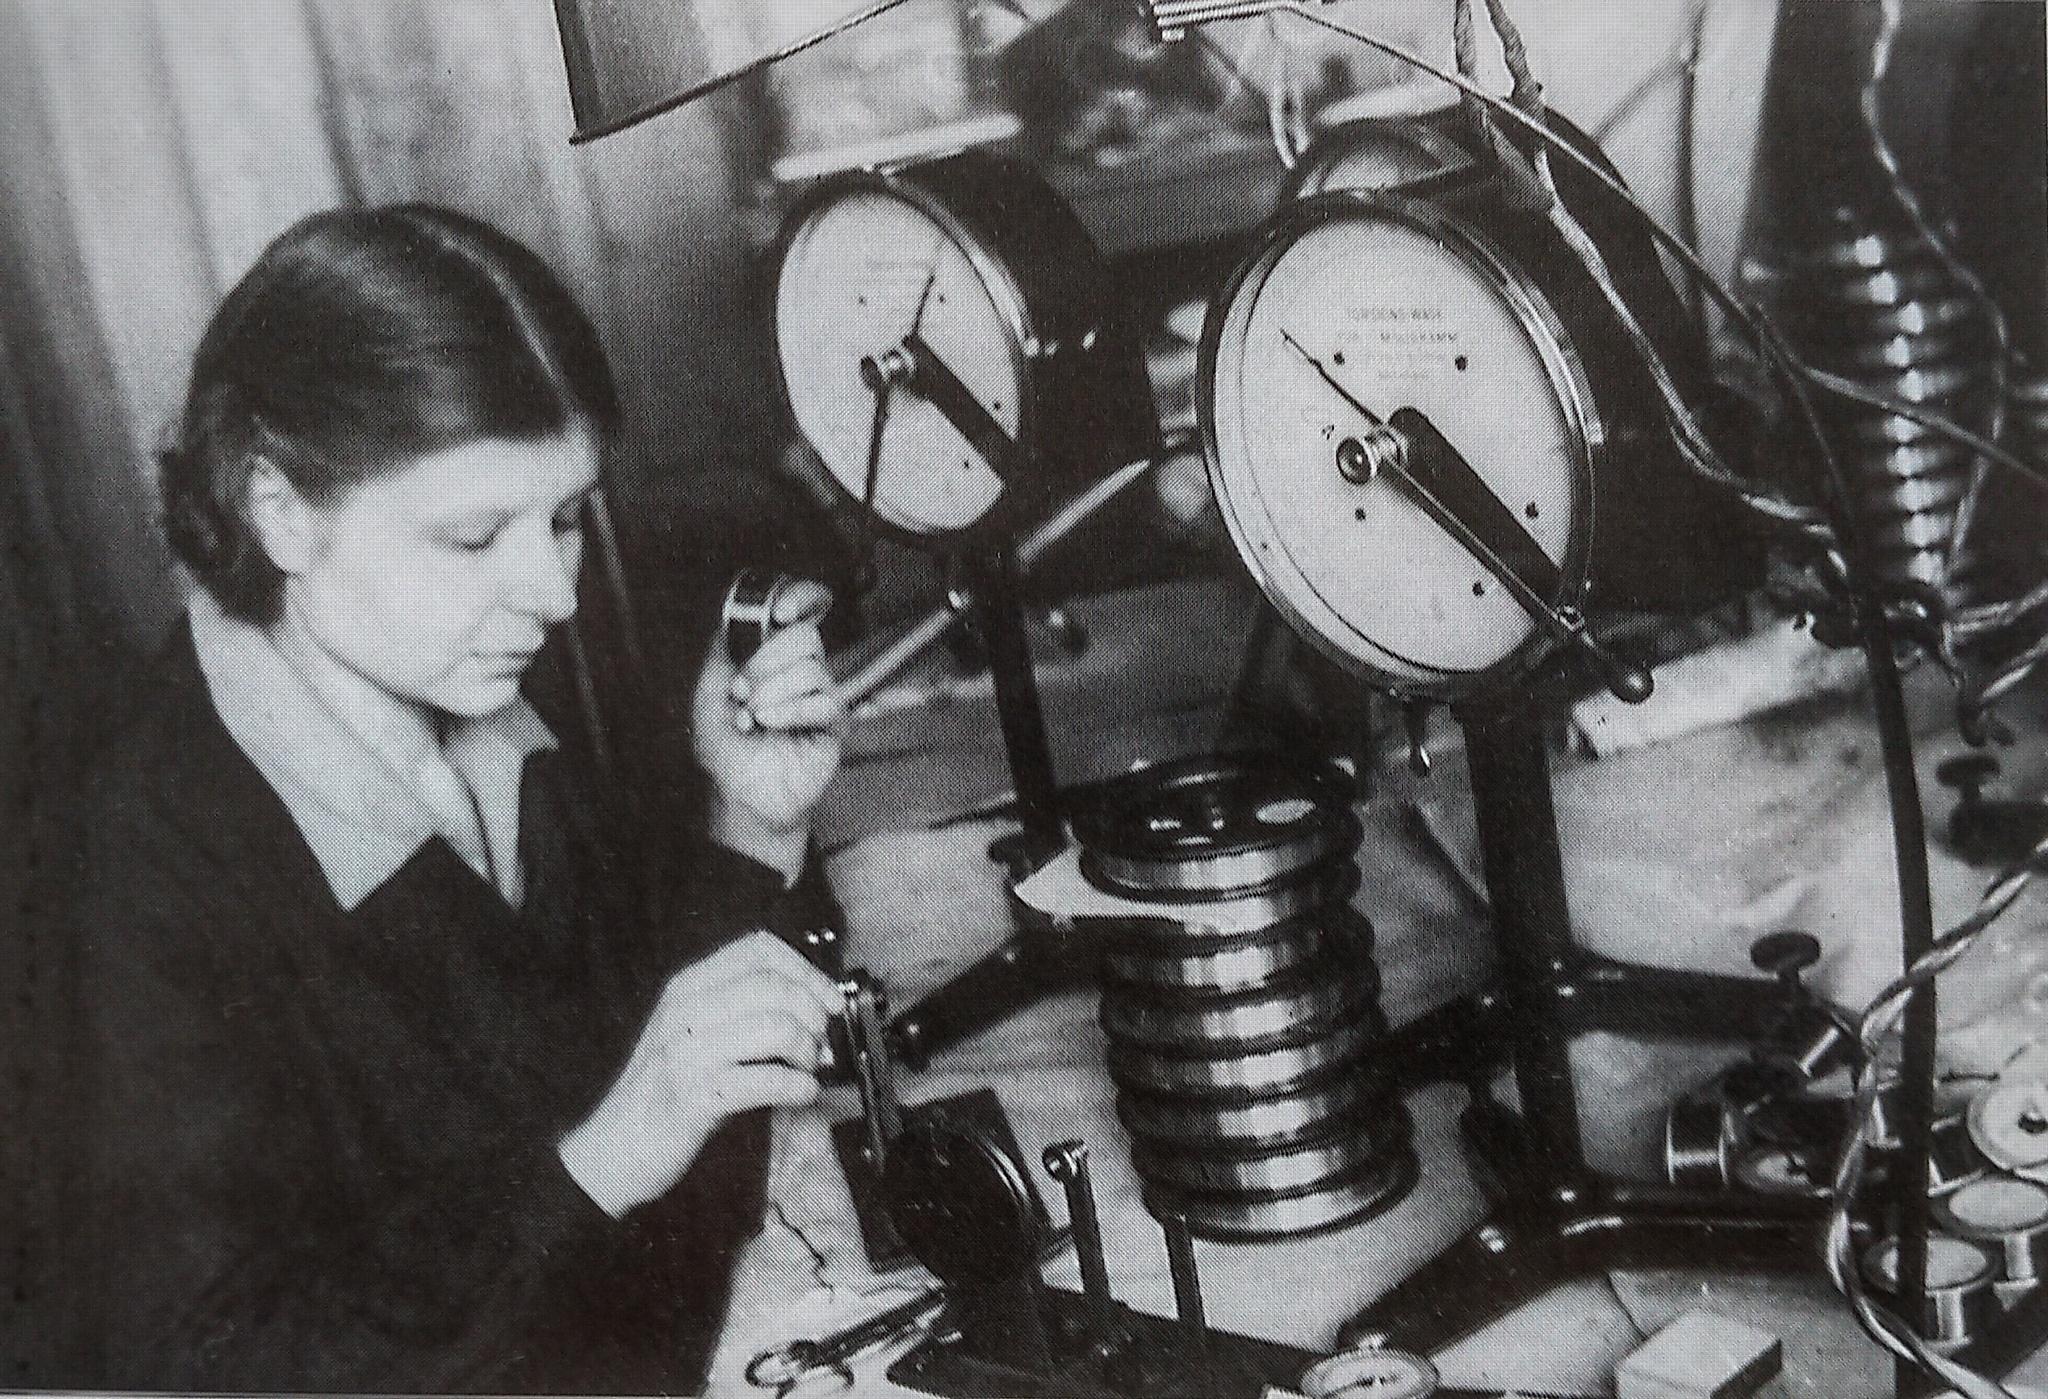 Вольфрамовый отдел Электрозавода. Работница проверяет качество вольфрамовой нити. Москва, начало 1930-х г.г. (РГАКФД).